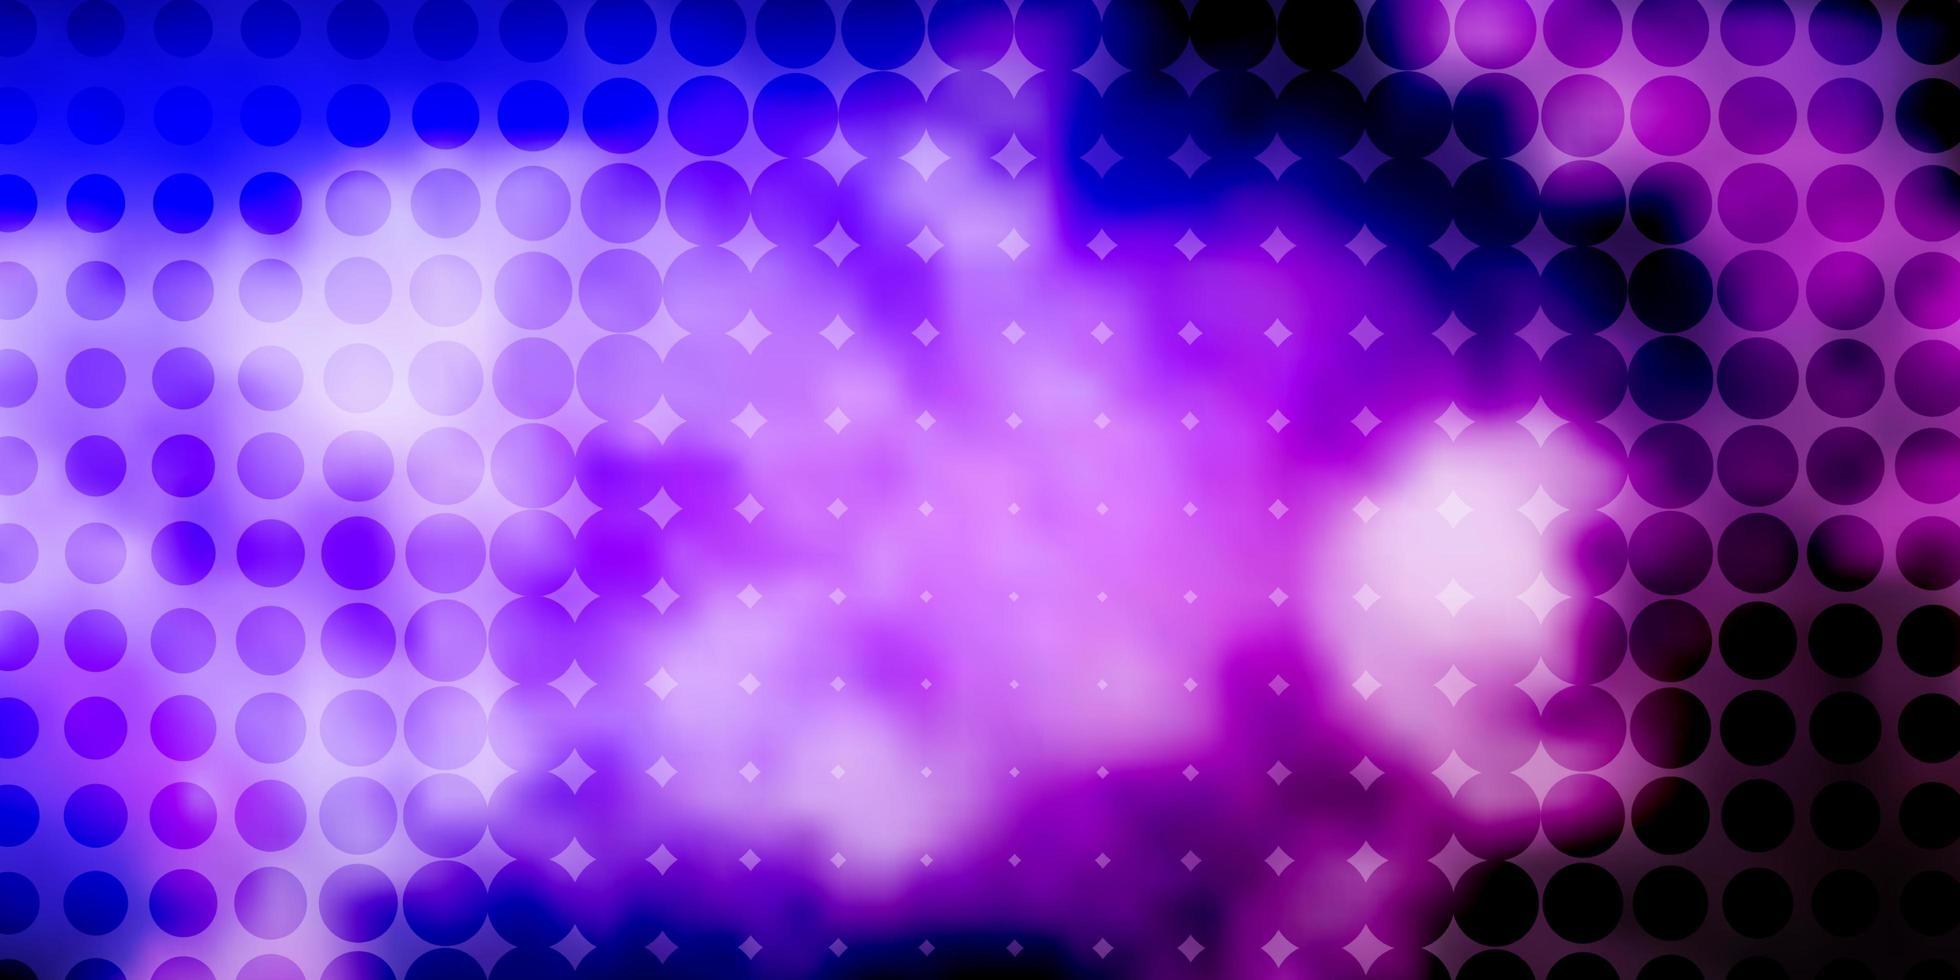 modello vettoriale viola chiaro con cerchi.